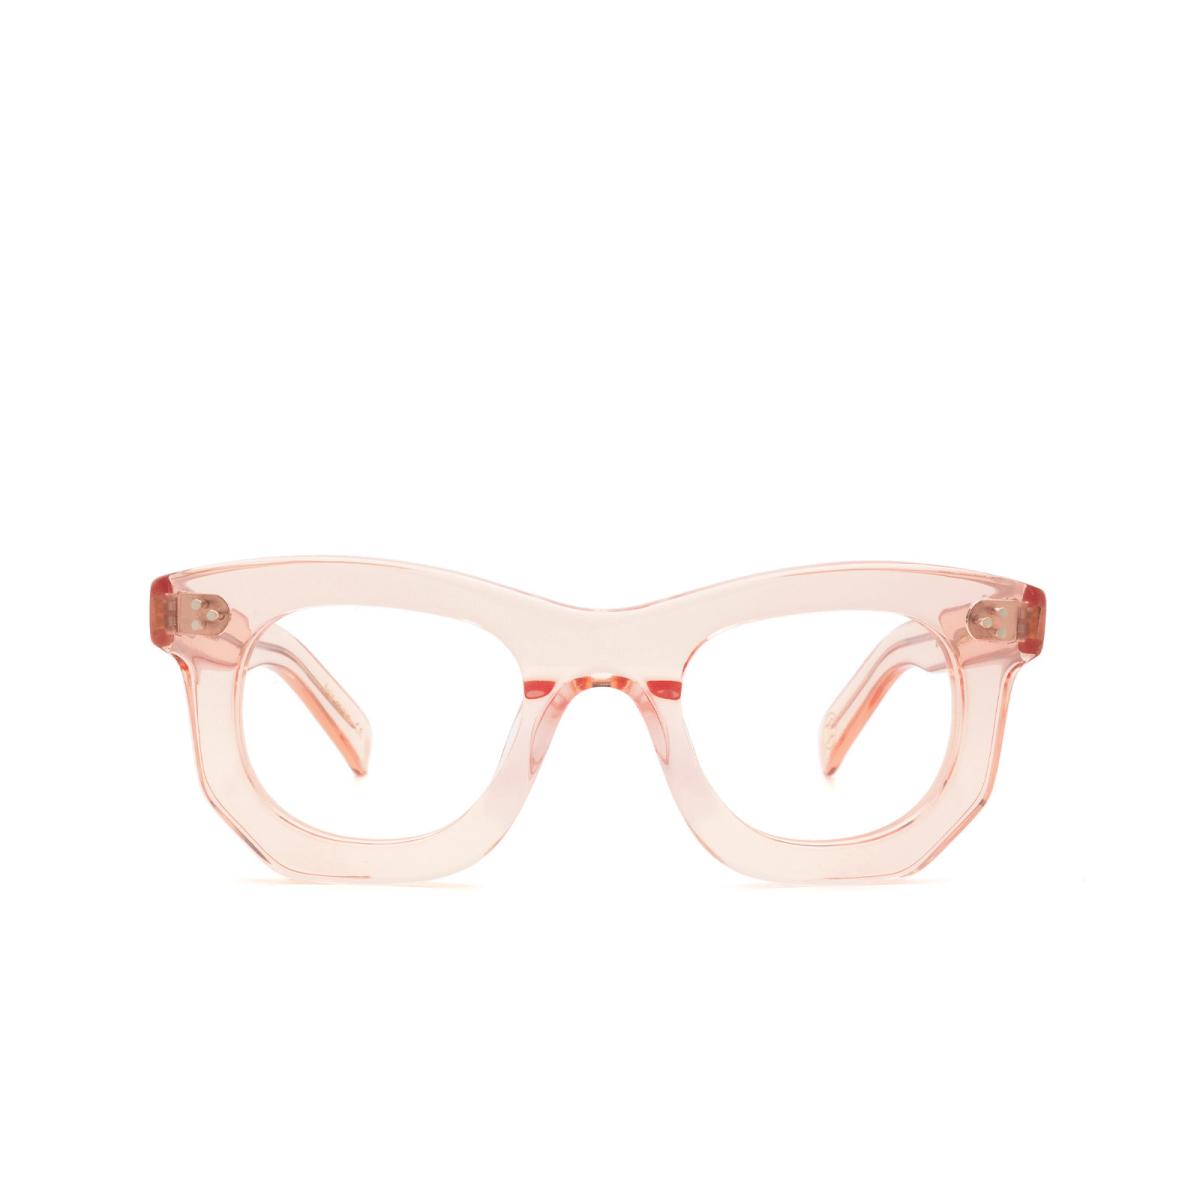 Lesca® Irregular Eyeglasses: Ogre color Pink Rose.